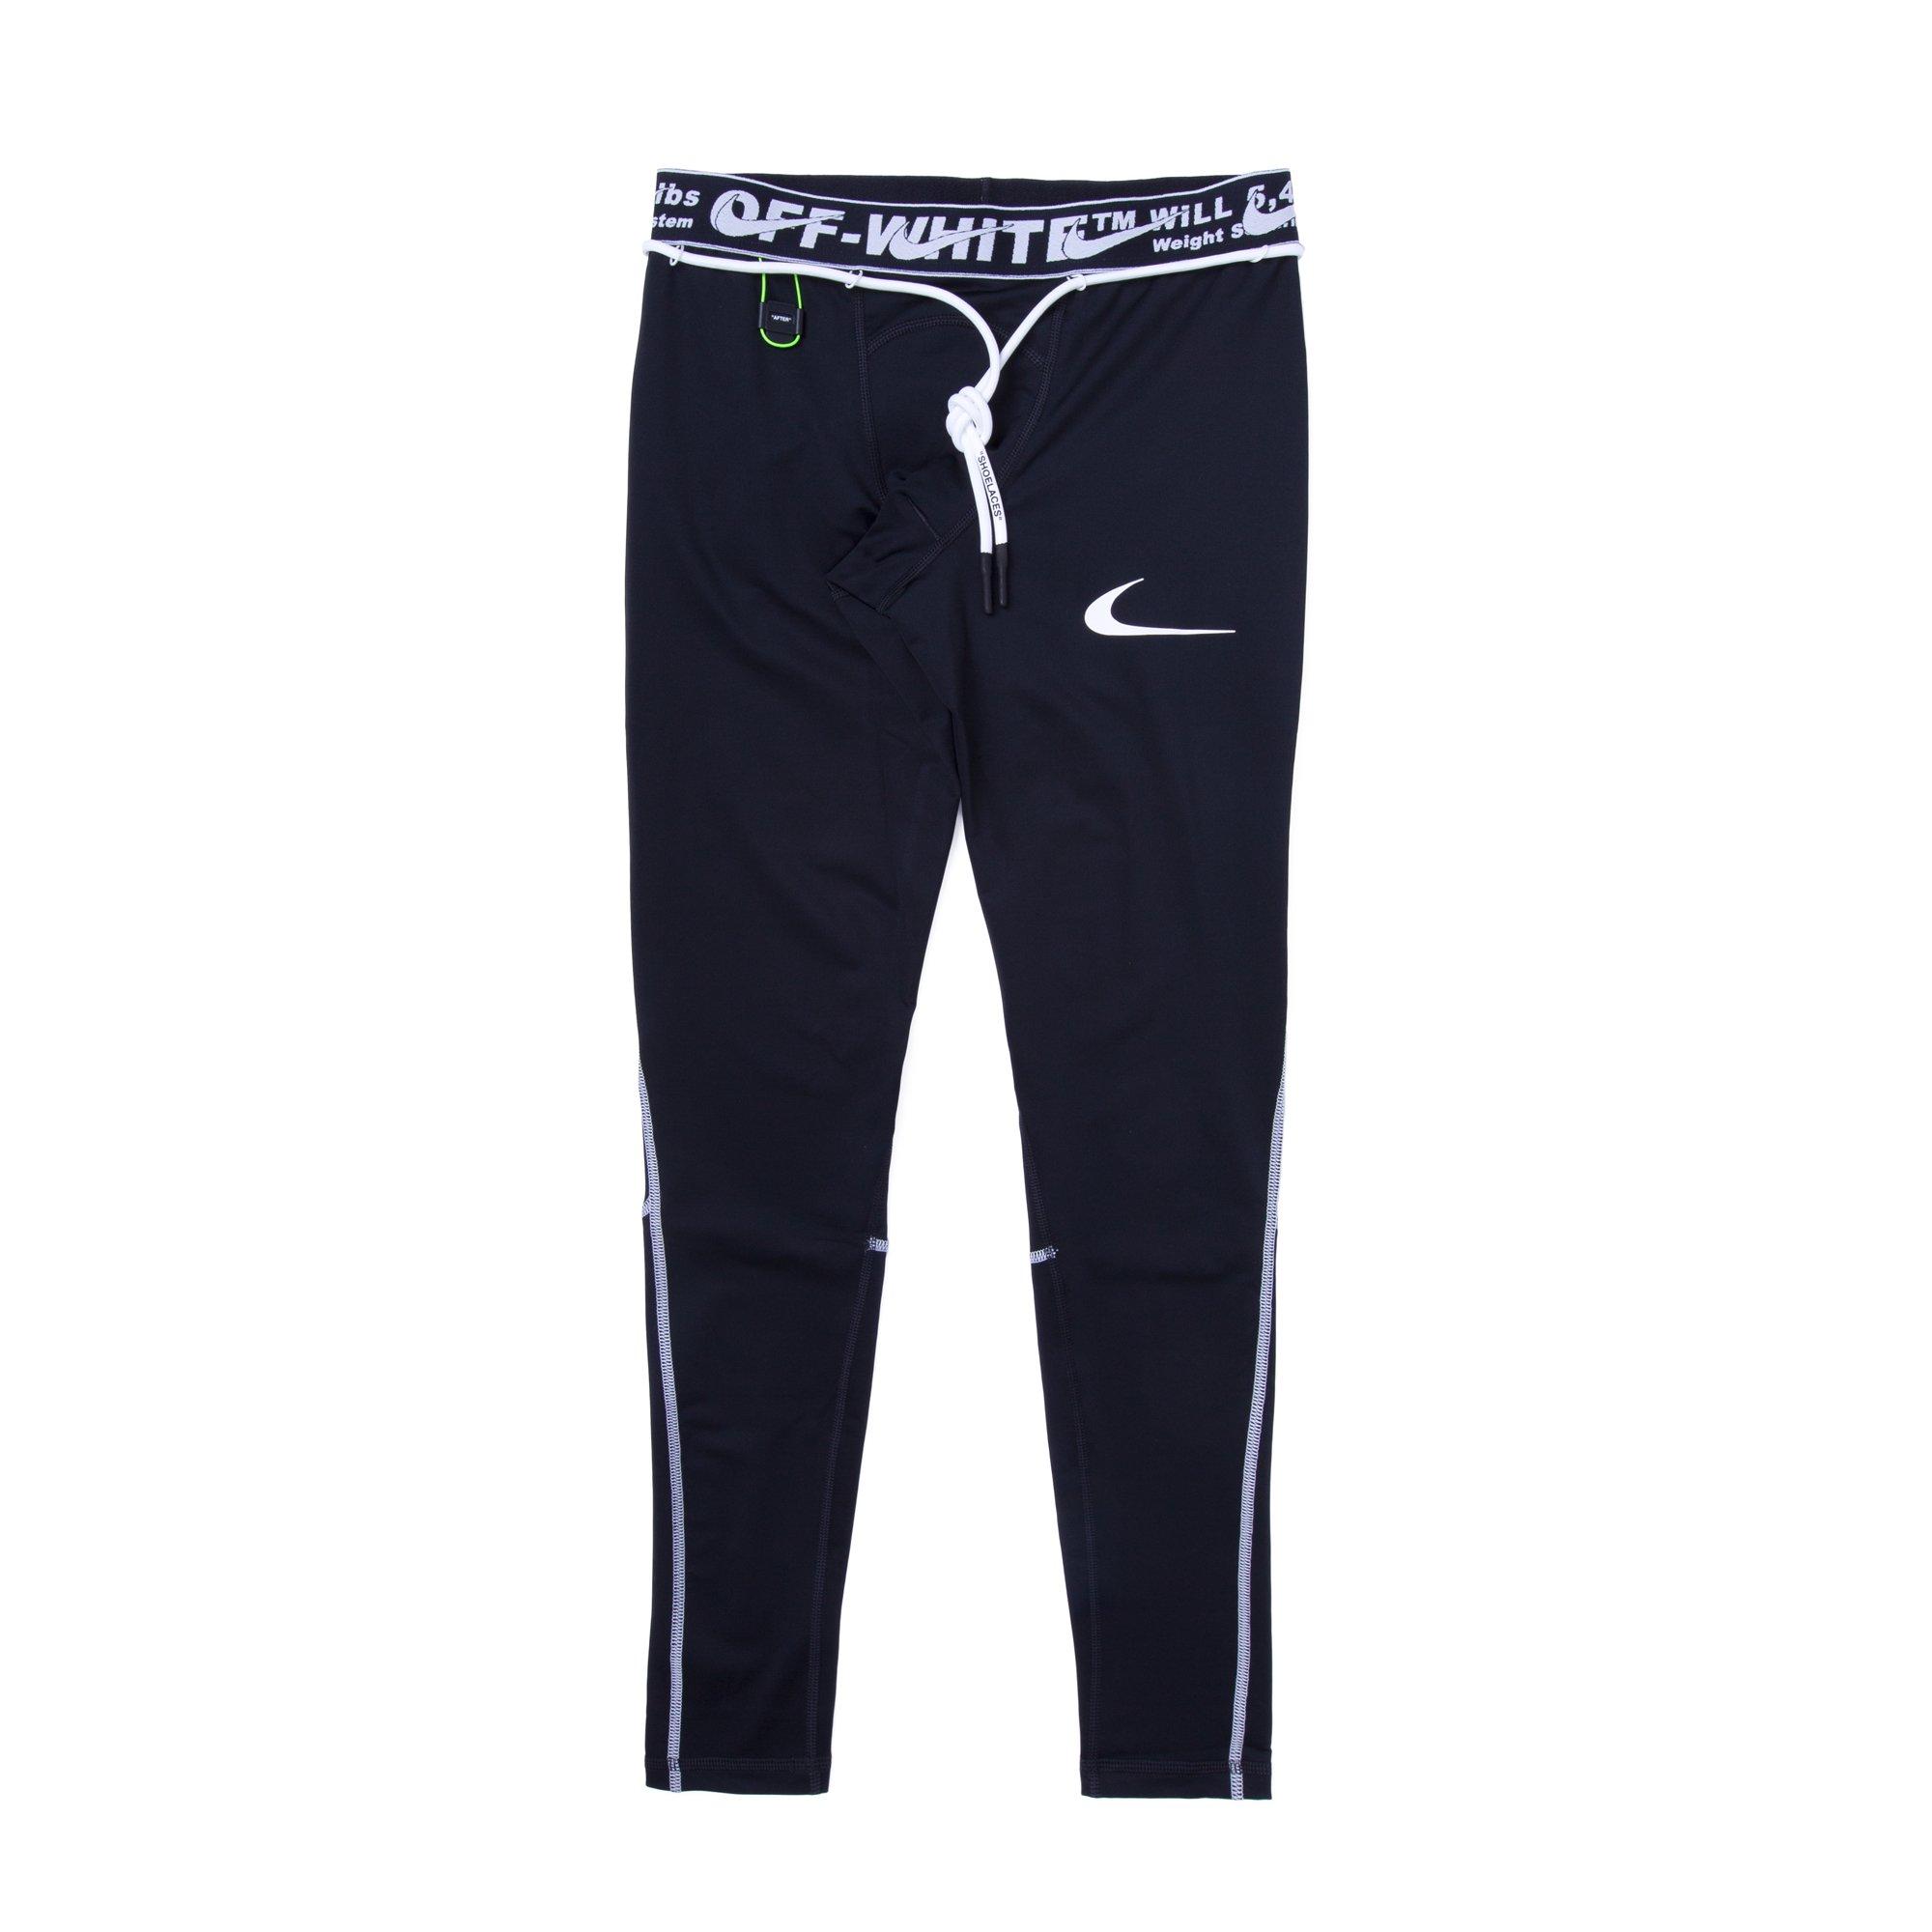 nike sportswear off white